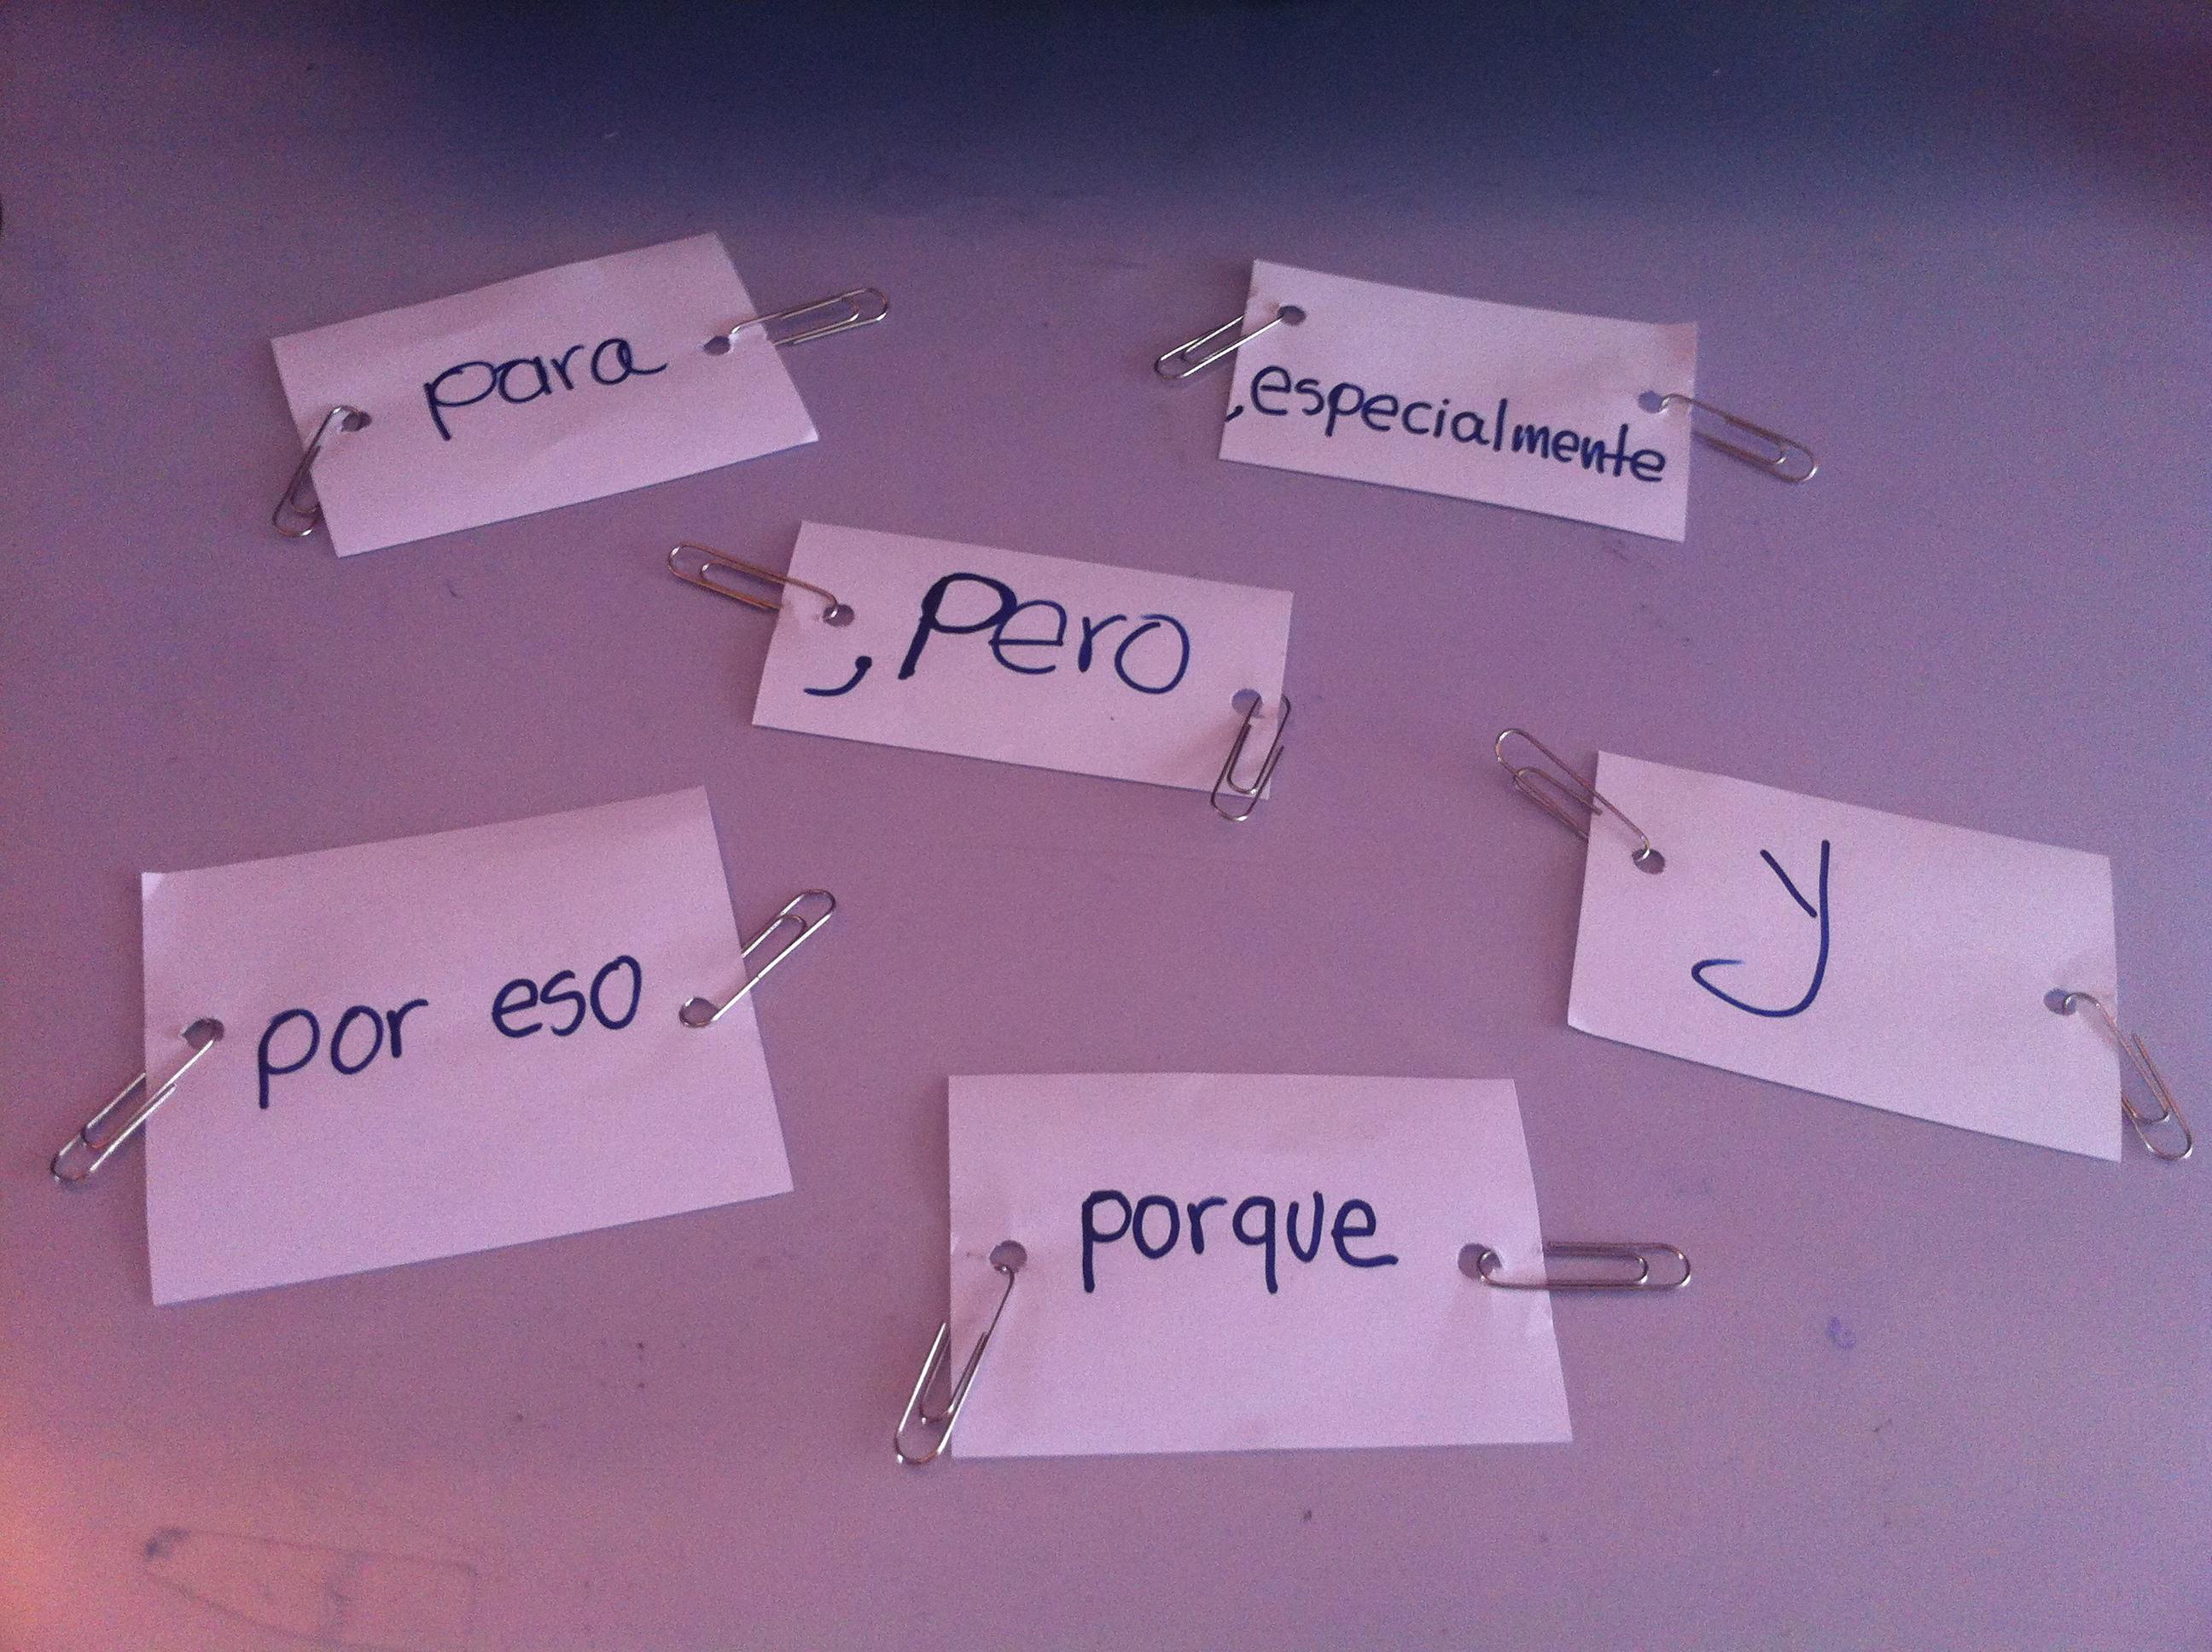 Conectando frases y hablando sobre mi historia con el español